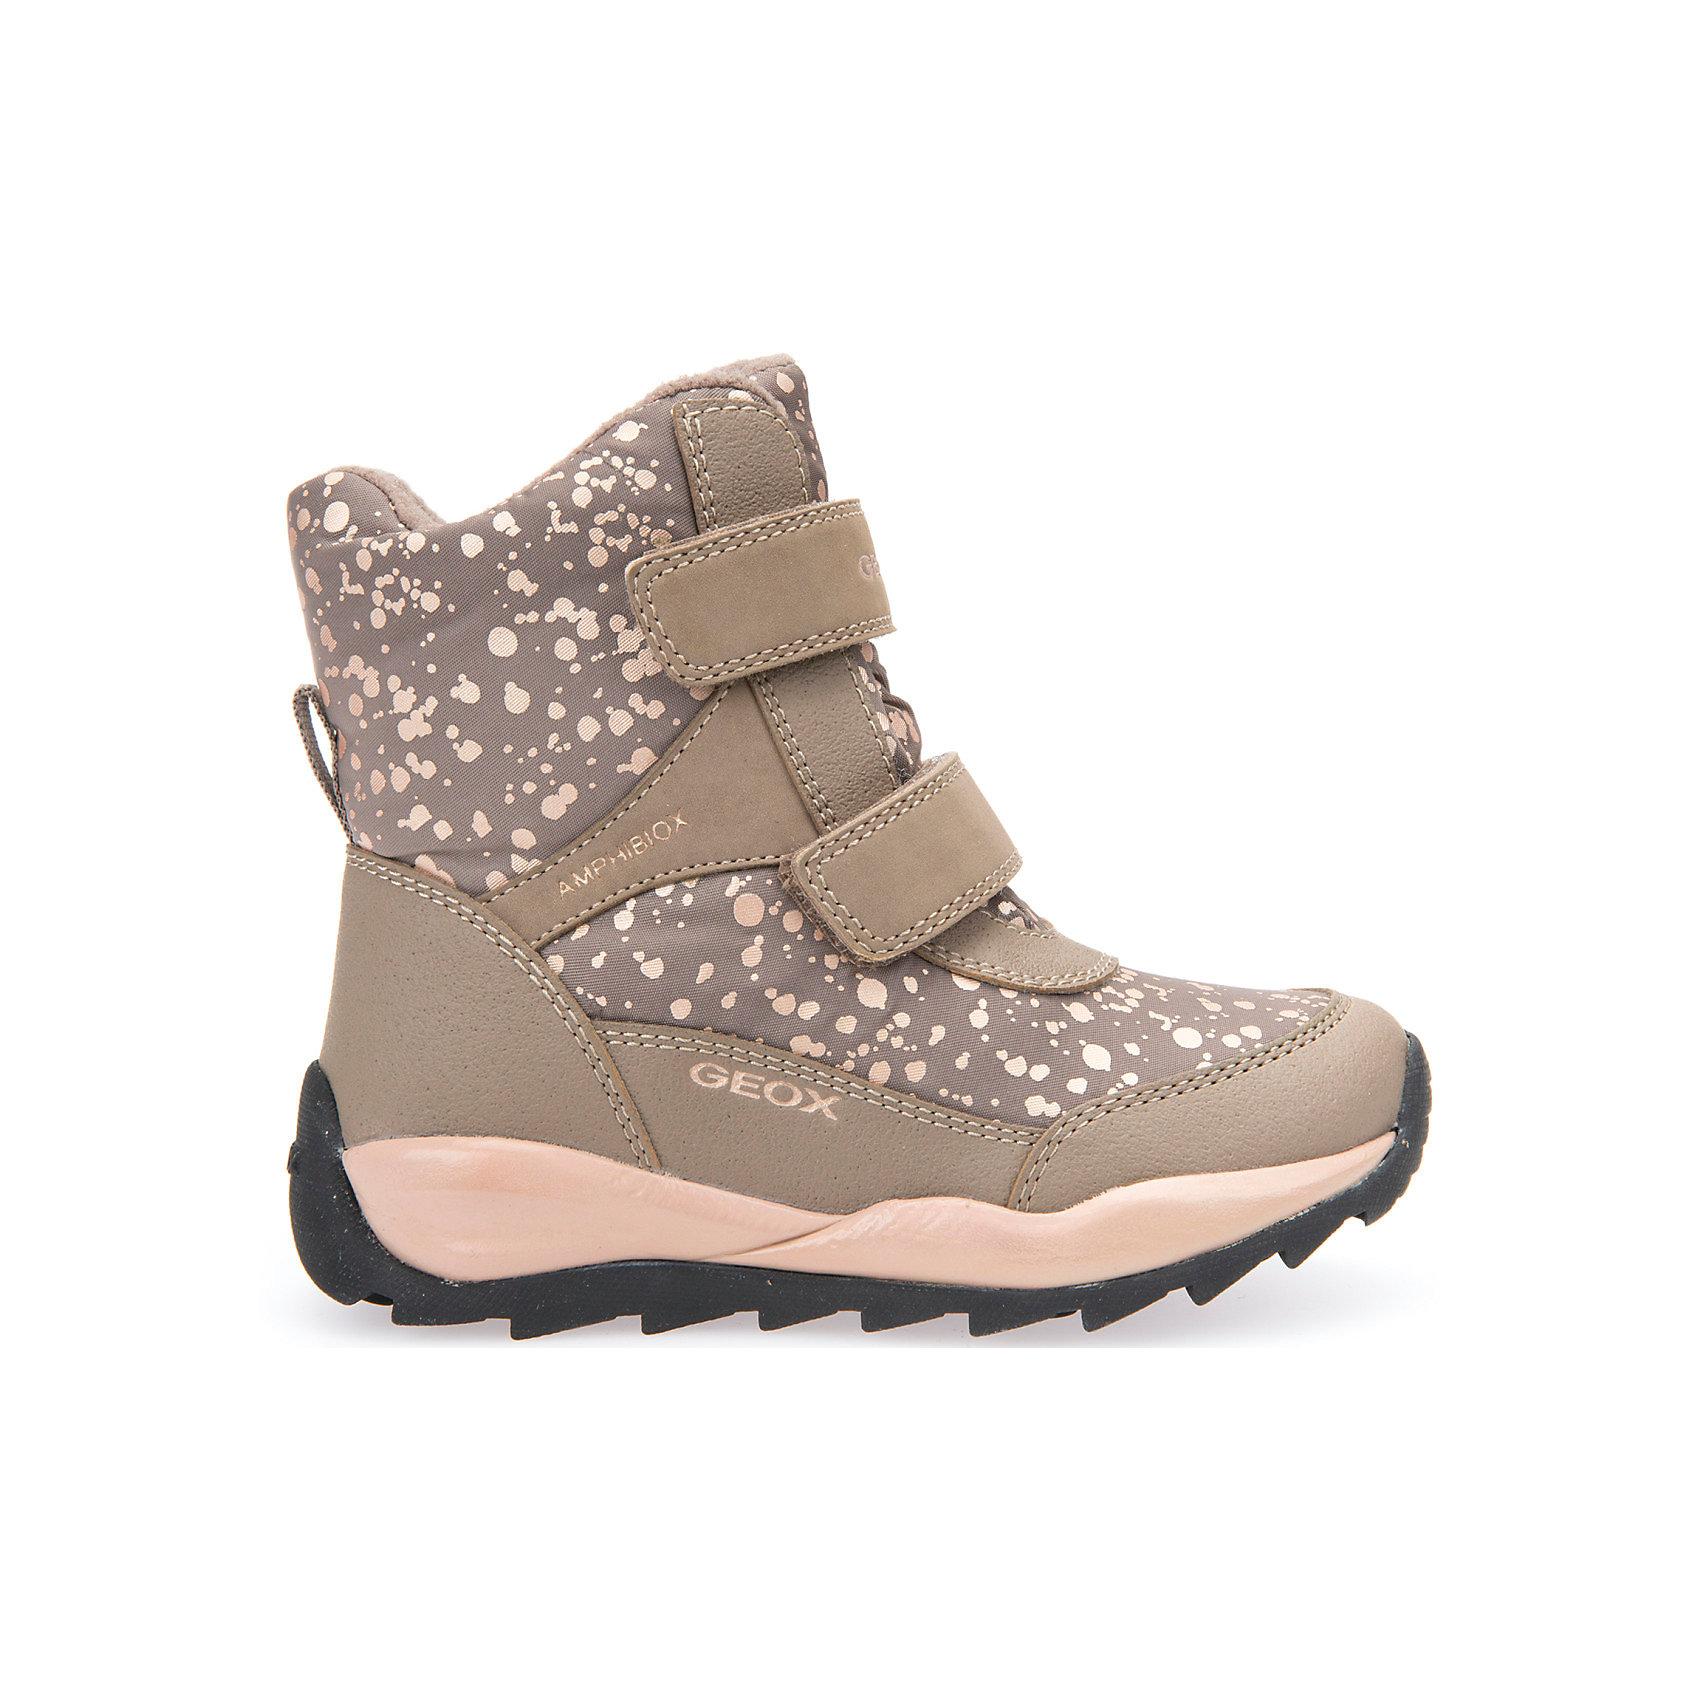 Ботинки для девочки GeoxБотинки<br>Полусапожки для девочки GEOX (ГЕОКС)<br>Полусапожки для девочки от GEOX (ГЕОКС) идеально подходят для холодной погоды. Они выполнены из сочетания искусственной кожи и текстиля, имеют плотную мягкую подкладку из искусственного меха, которая согревает чувствительные детские ноги. Термоизоляционная «дышащая» стелька с алюминиевым слоем улучшается тепловое сопротивление в холодных условиях, повышая температуру внутри обуви. Влага не застаивается в обуви, благодаря чему создается идеальный микроклимат, который держит ноги теплыми и сухими, и позволяет им дышать естественно. Колодка соответствует анатомическим особенностям строения детской стопы. Качественная амортизация снижает нагрузку на суставы. Запатентованная гибкая перфорированная подошва со специальной микропористой мембраной обеспечивает естественное дыхание обуви, не пропускает воду, не скользит. Модель имеет усиленный мыс и пятку. Застежки-липучки облегчают снимание и надевание обуви и надежно фиксируют ее на ногах.<br><br>Дополнительная информация:<br><br>- Сезон: зима<br>- Цвет: бежевый<br>- Материал верха: искусственная кожа, текстиль<br>- Внутренний материал: искусственный мех<br>- Материал стельки: текстиль<br>- Материал подошвы: резина<br>- Тип застежки: липучки<br>- Высота голенища/задника: 12 см.<br>- Технология Amphibiox<br>- Материалы и продукция прошли специальную проверку T?V S?D, на отсутствие веществ, опасных для здоровья покупателей<br><br>Полусапожки для девочки GEOX (ГЕОКС) можно купить в нашем интернет-магазине.<br><br>Ширина мм: 257<br>Глубина мм: 180<br>Высота мм: 130<br>Вес г: 420<br>Цвет: бежевый<br>Возраст от месяцев: 84<br>Возраст до месяцев: 96<br>Пол: Женский<br>Возраст: Детский<br>Размер: 31,30,28,27,26,29<br>SKU: 4812503